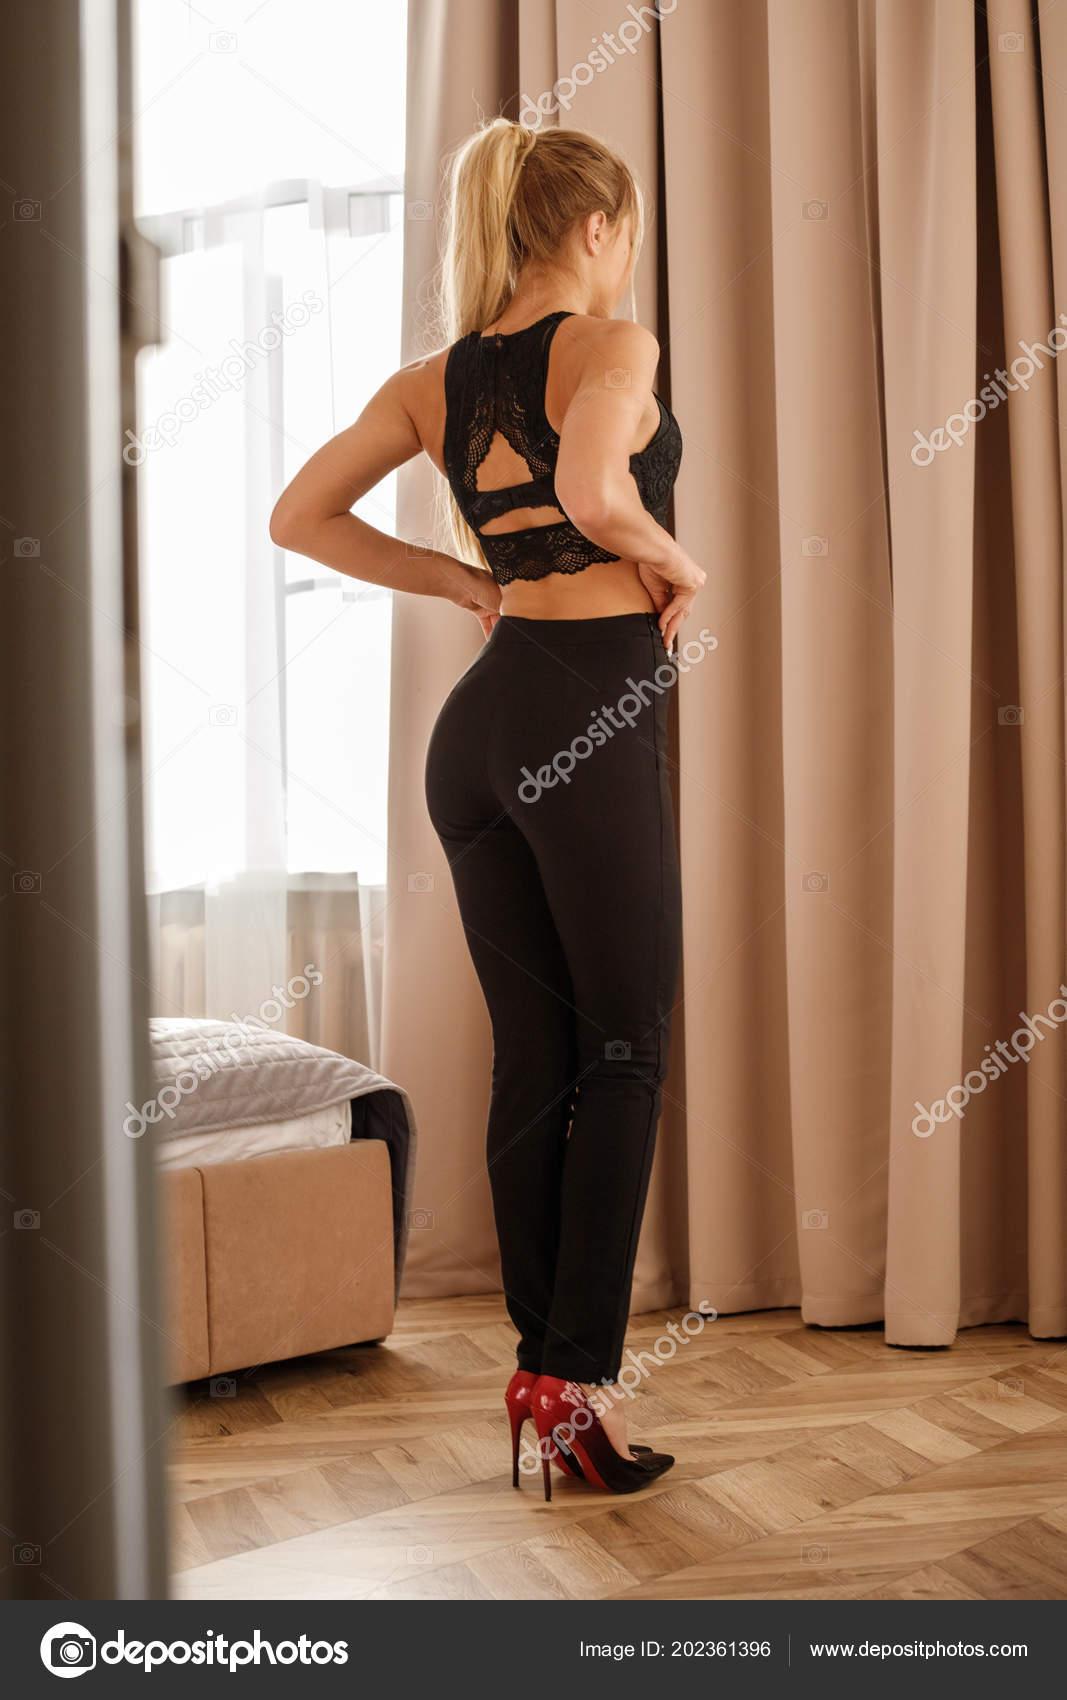 33ab2cacbe36fc Schöne Blonde Mädchen Schwarzen Legere Kleidung Hellen Innenraum ...